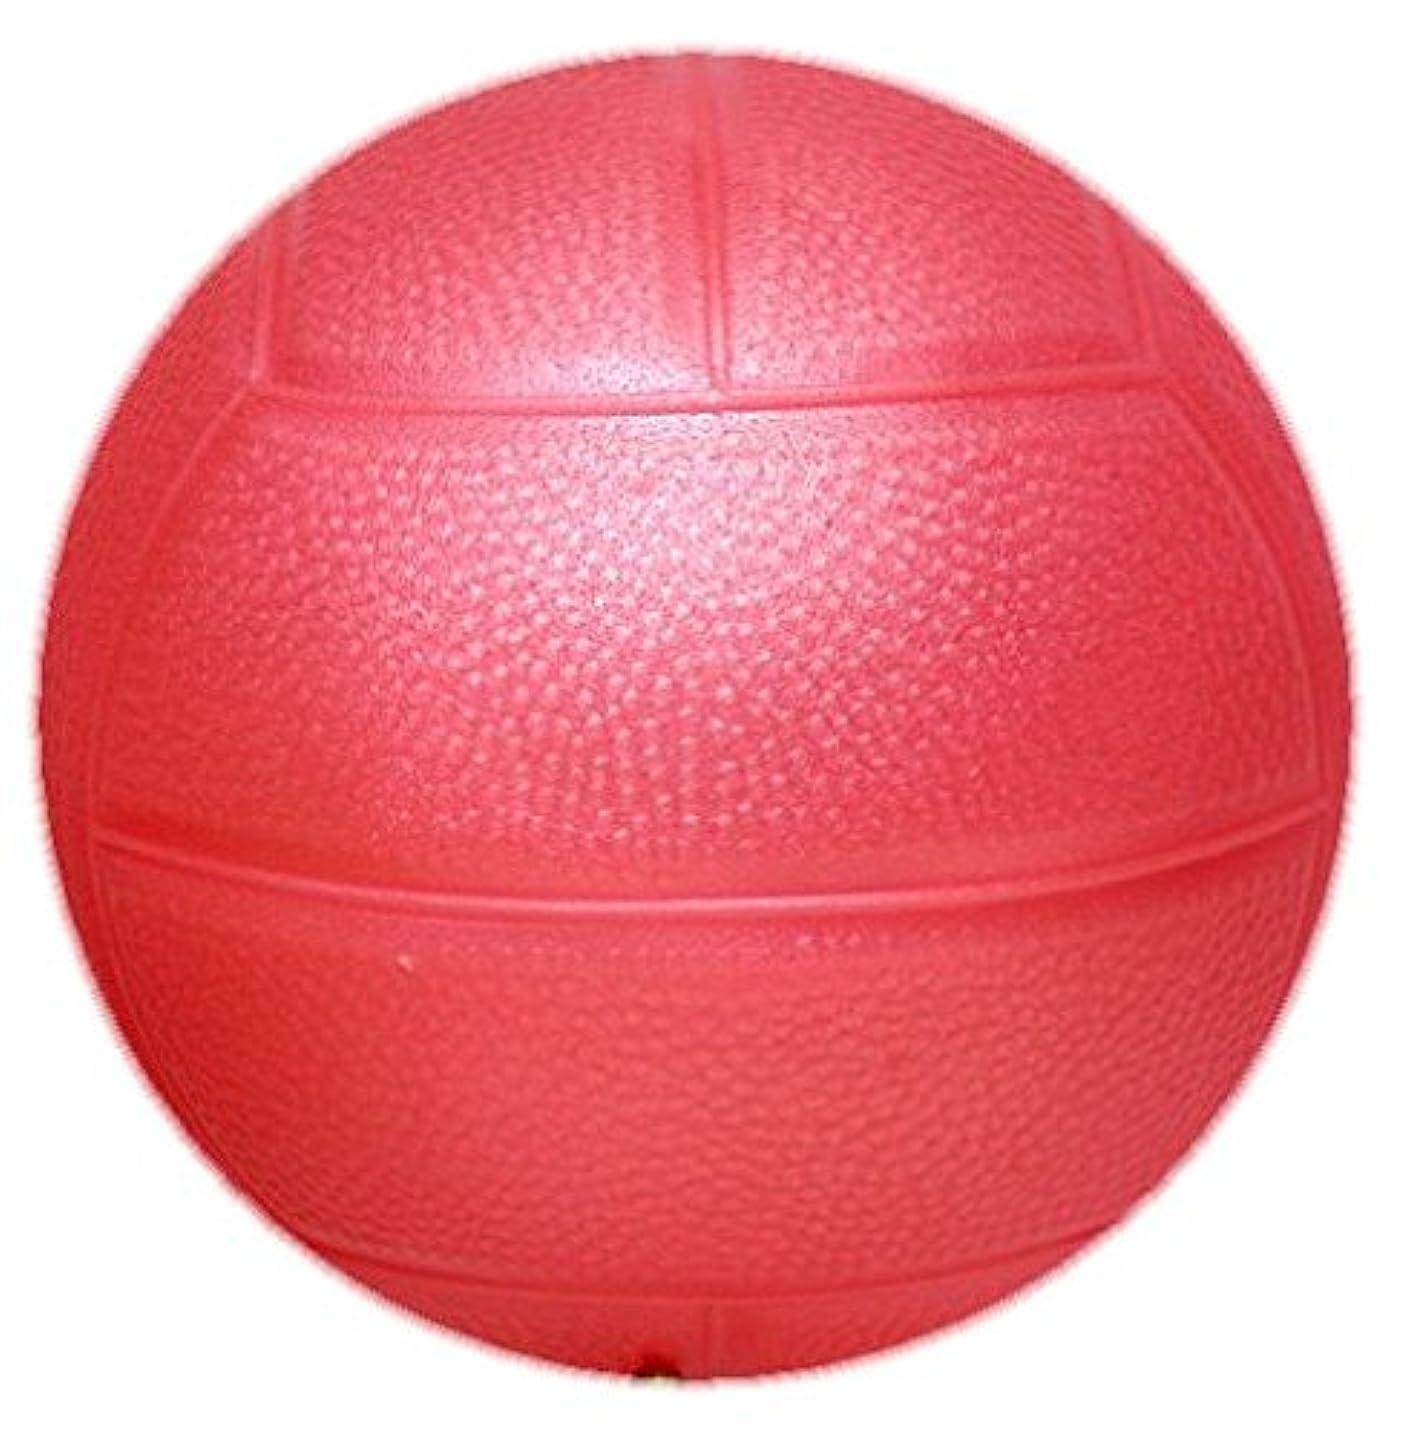 柔らかさ優先レジデンス【マイカラーボール】 (6インチ/直径15㎝) マイカラードッチボール (パール色) (1個セット) (桃)